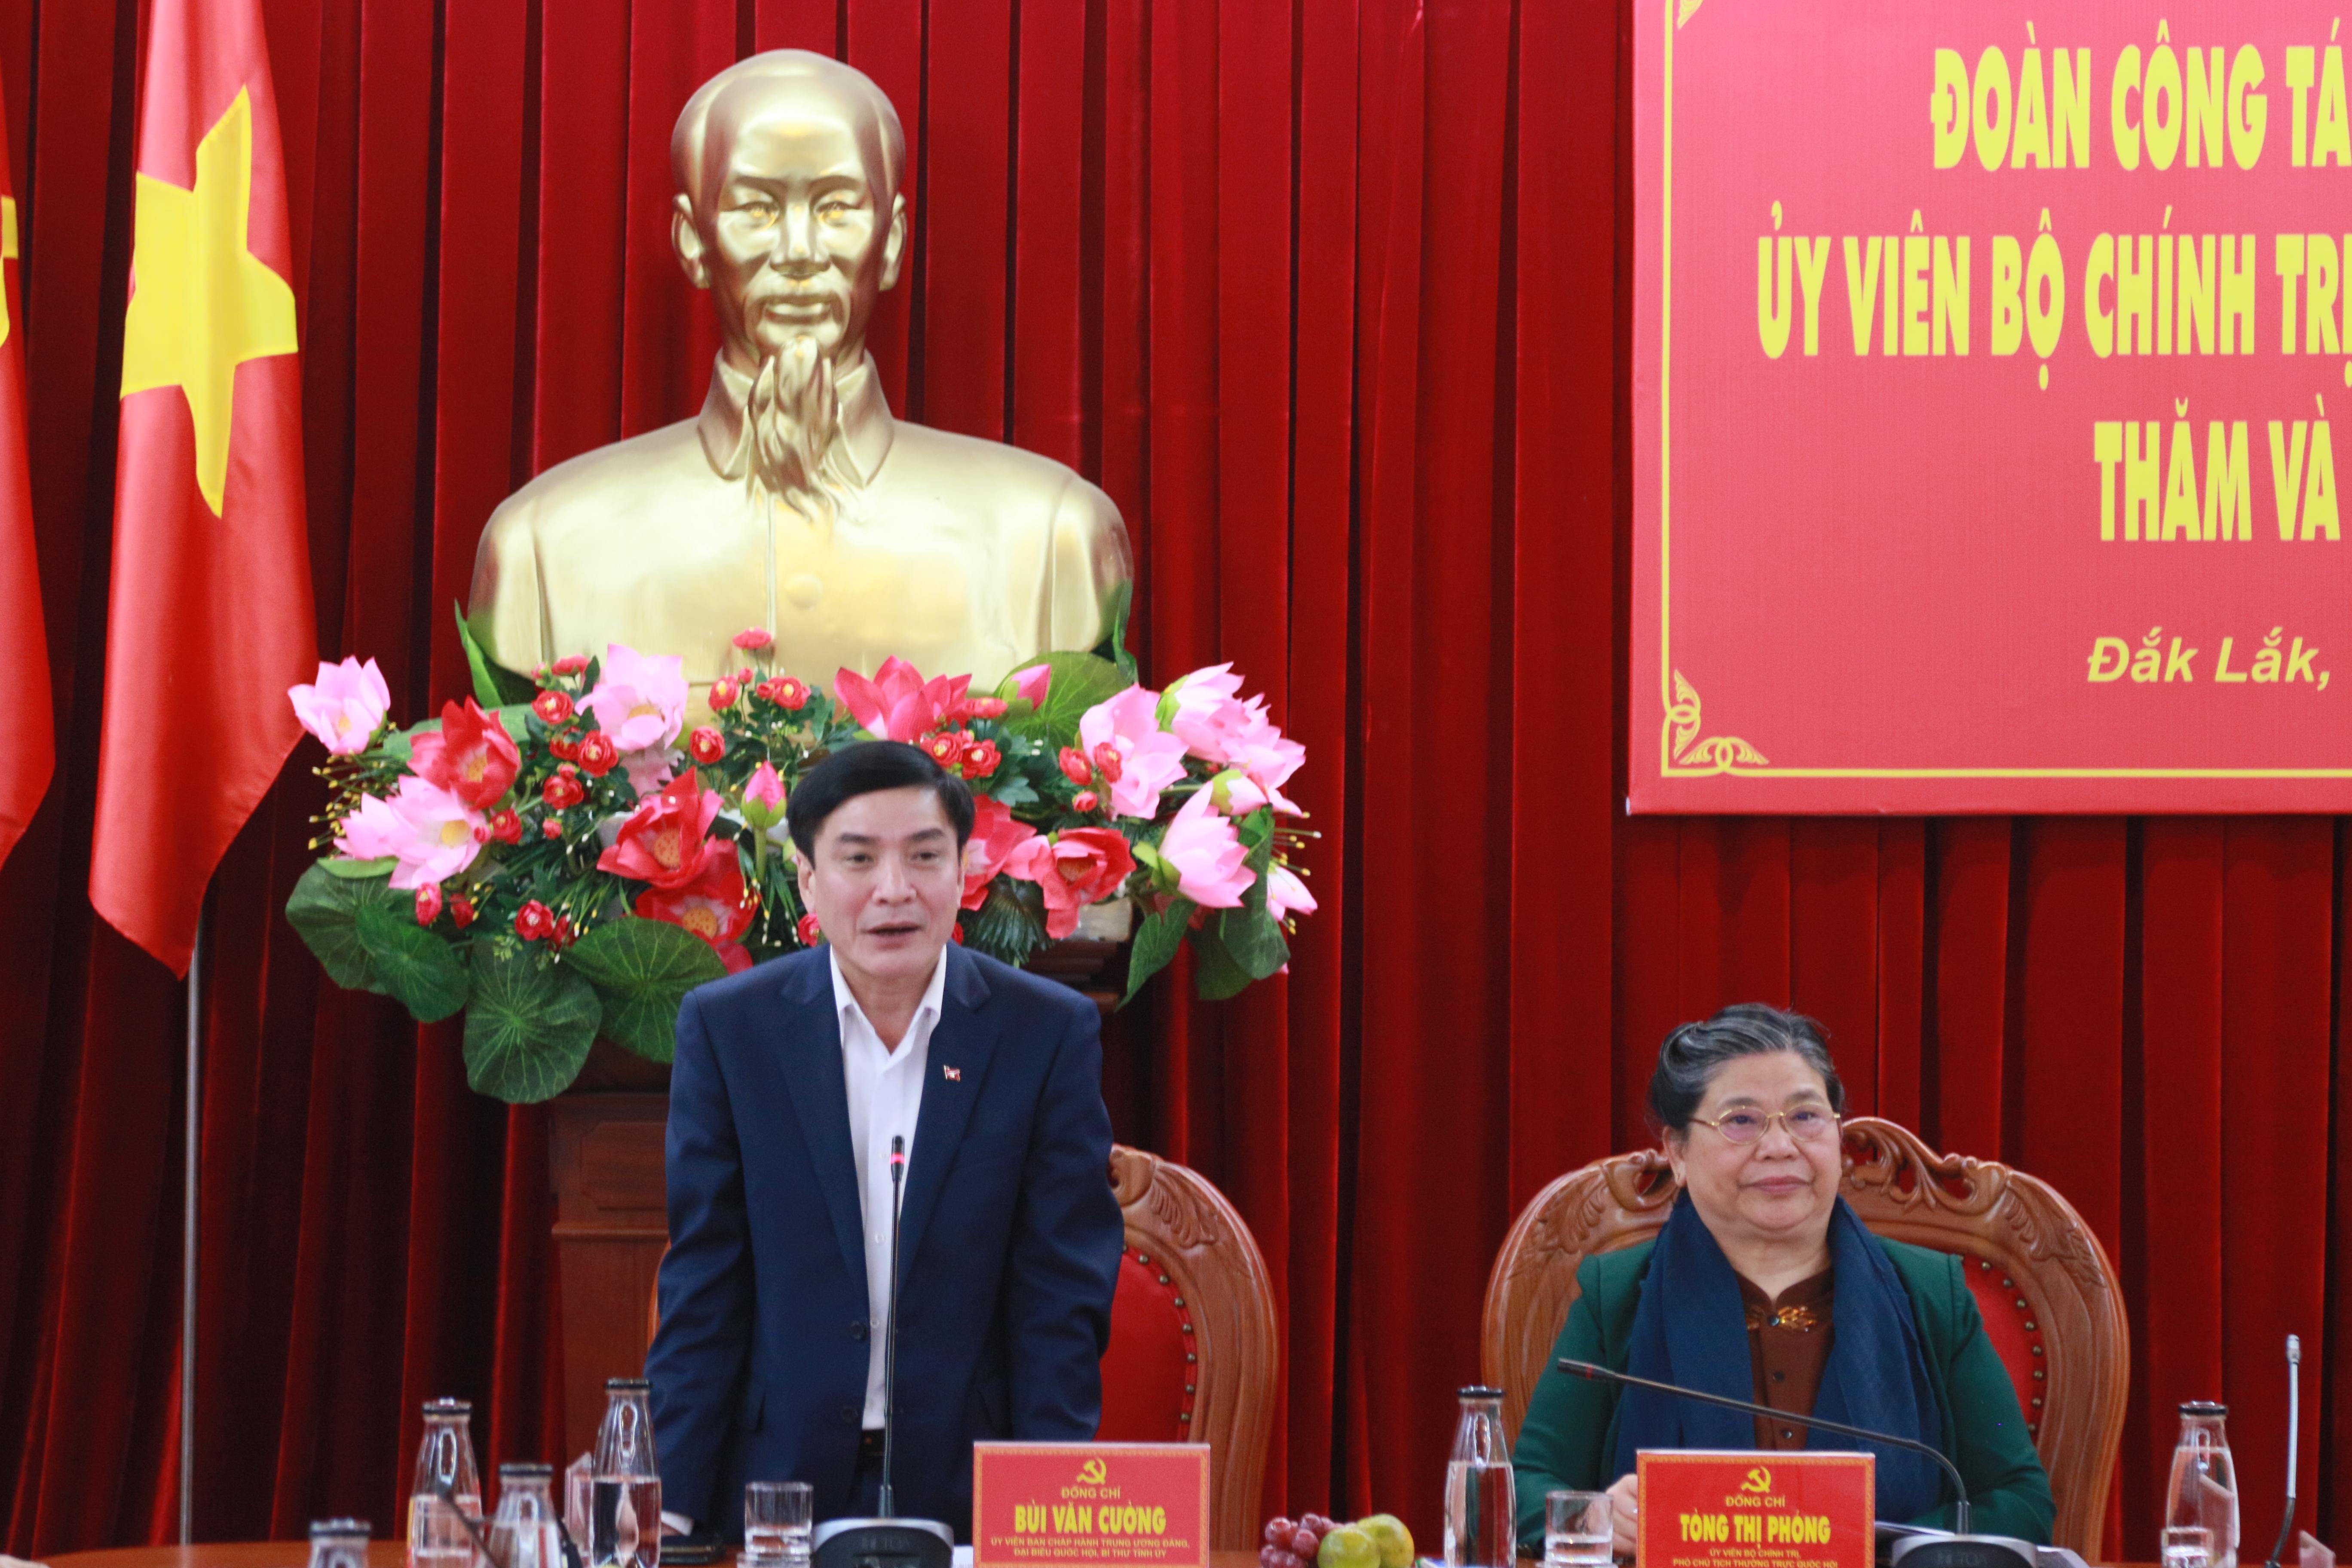 Uỷ viên Trung ương Đảng, Bí thư Tỉnh uỷ Đắk Lắk Bùi Văn Cường.